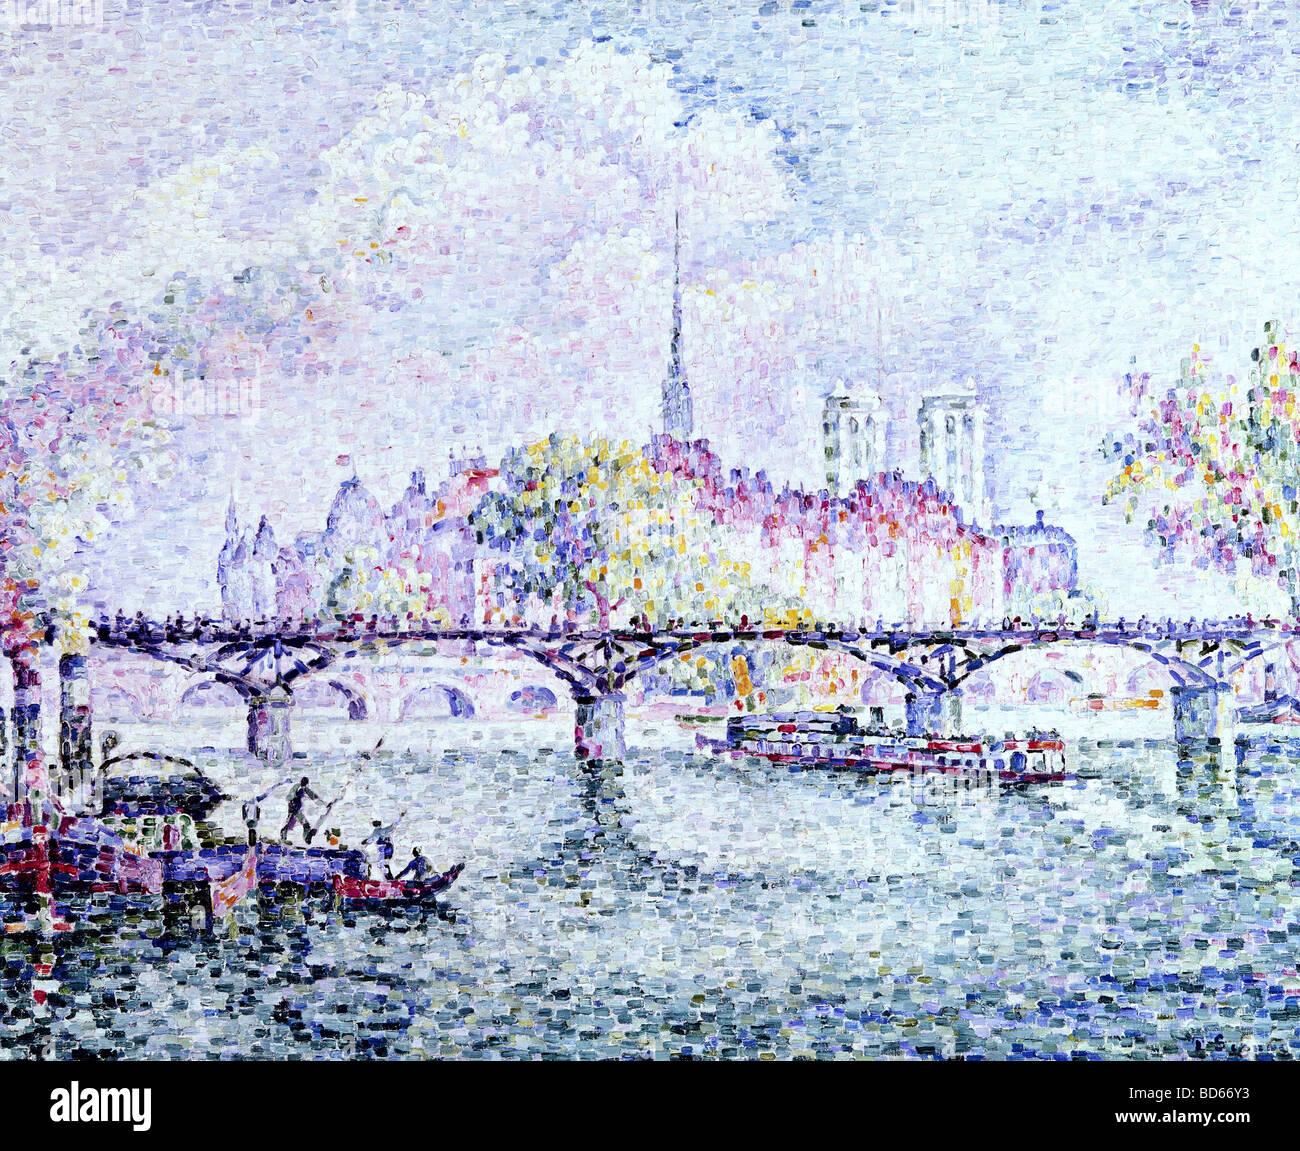 """fine arts, Signac, Paul, (1863 - 1935), painting, """"Paris, Ile de la Cite"""", 1912, oil on canvas, Museum Folkwang, Stock Photo"""